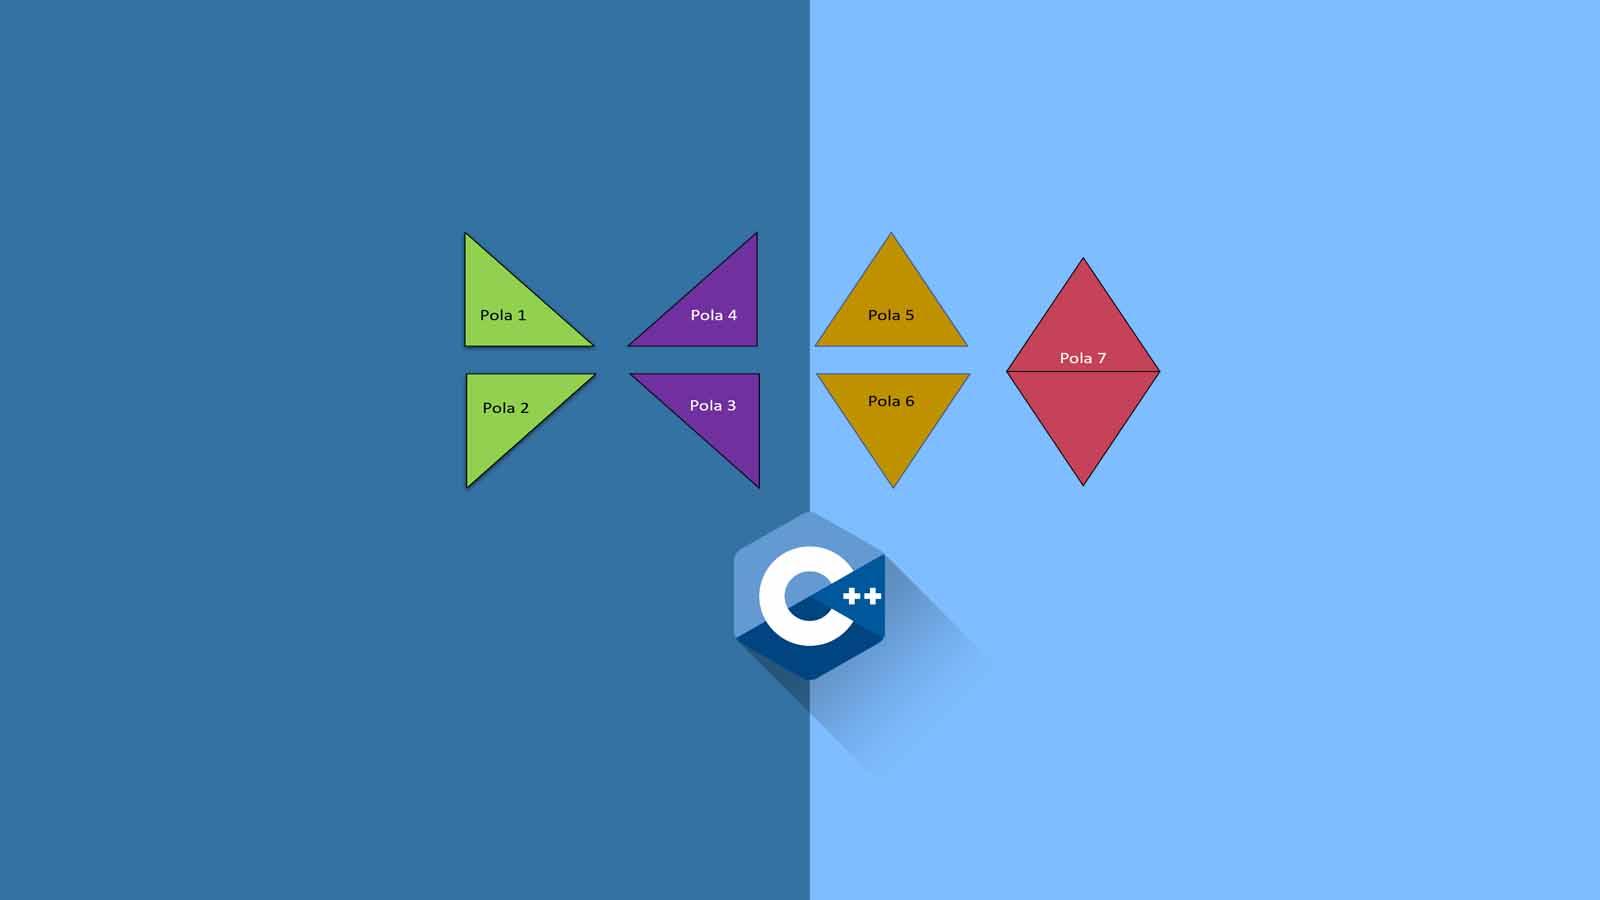 Contoh Program 6 Pola Segitga dan 1 Layang-layang (for dan switch) - C++